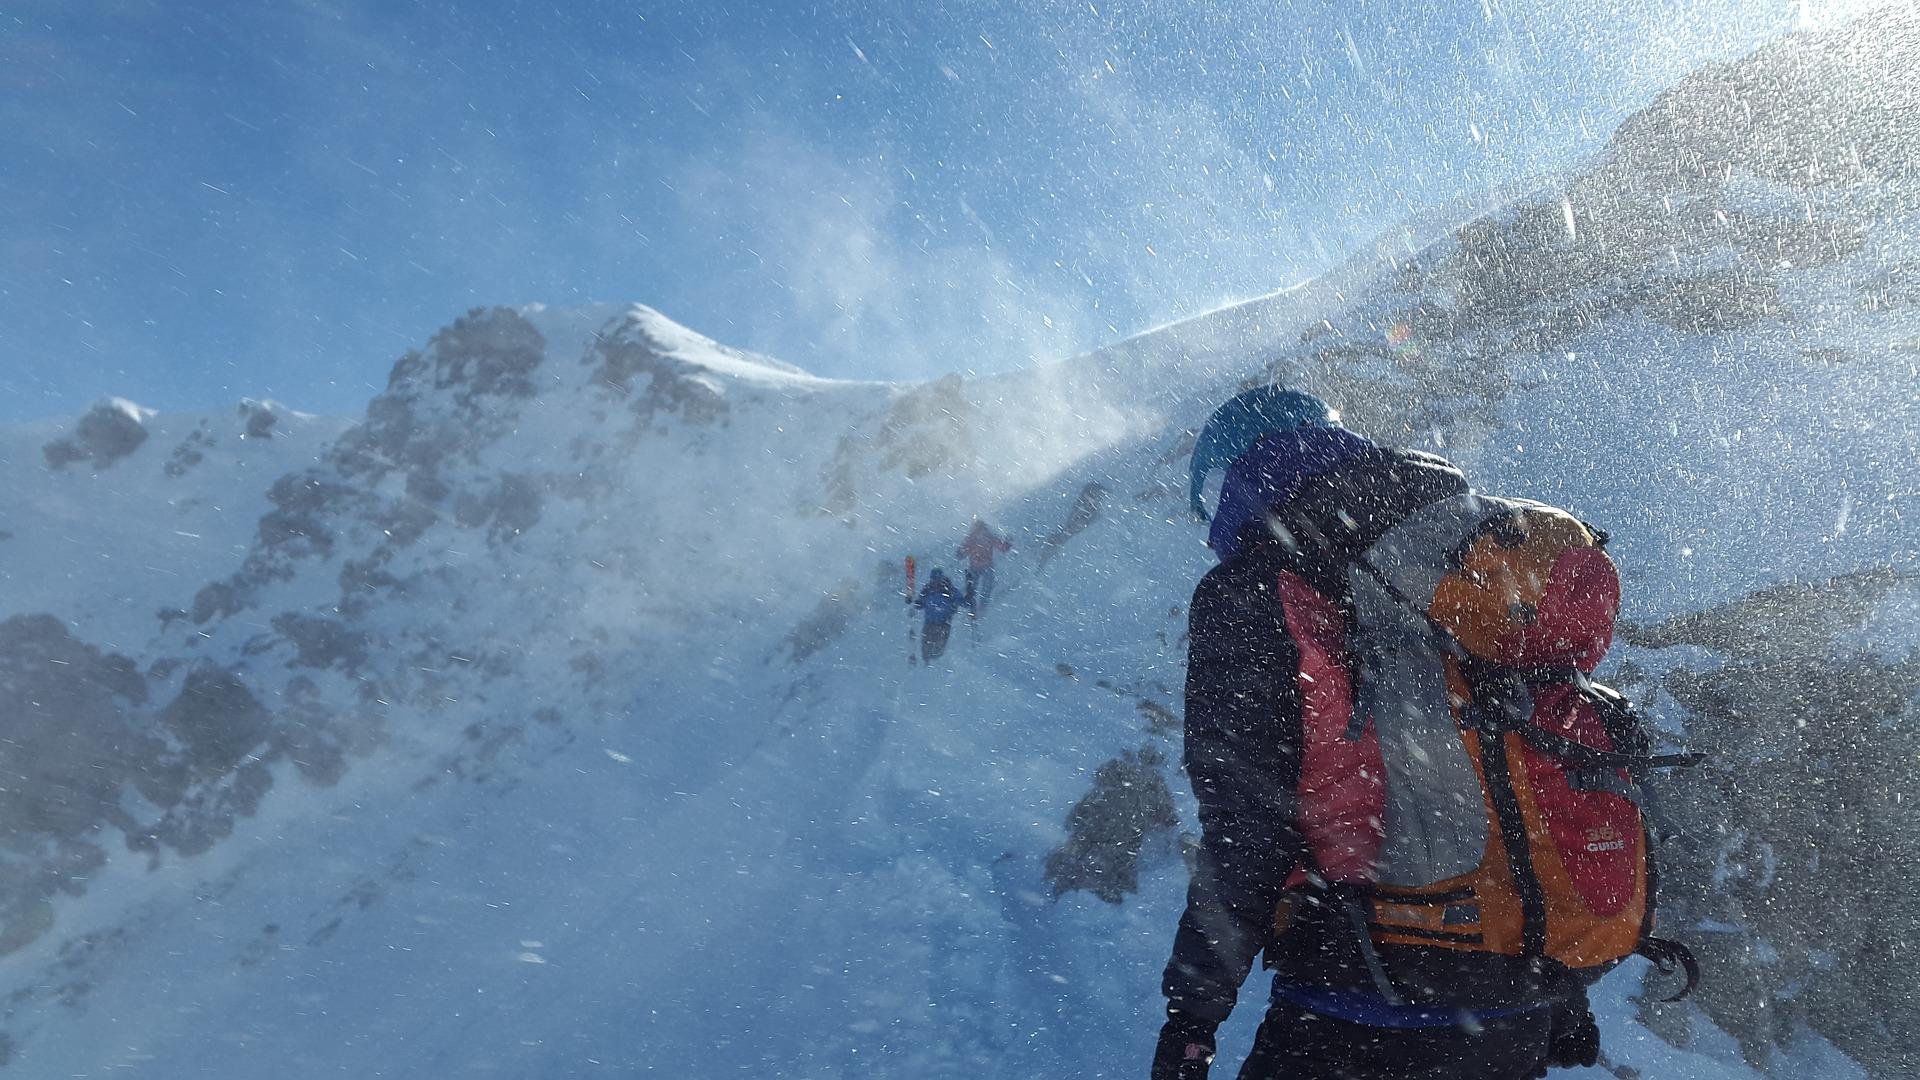 mountaineer-skiing